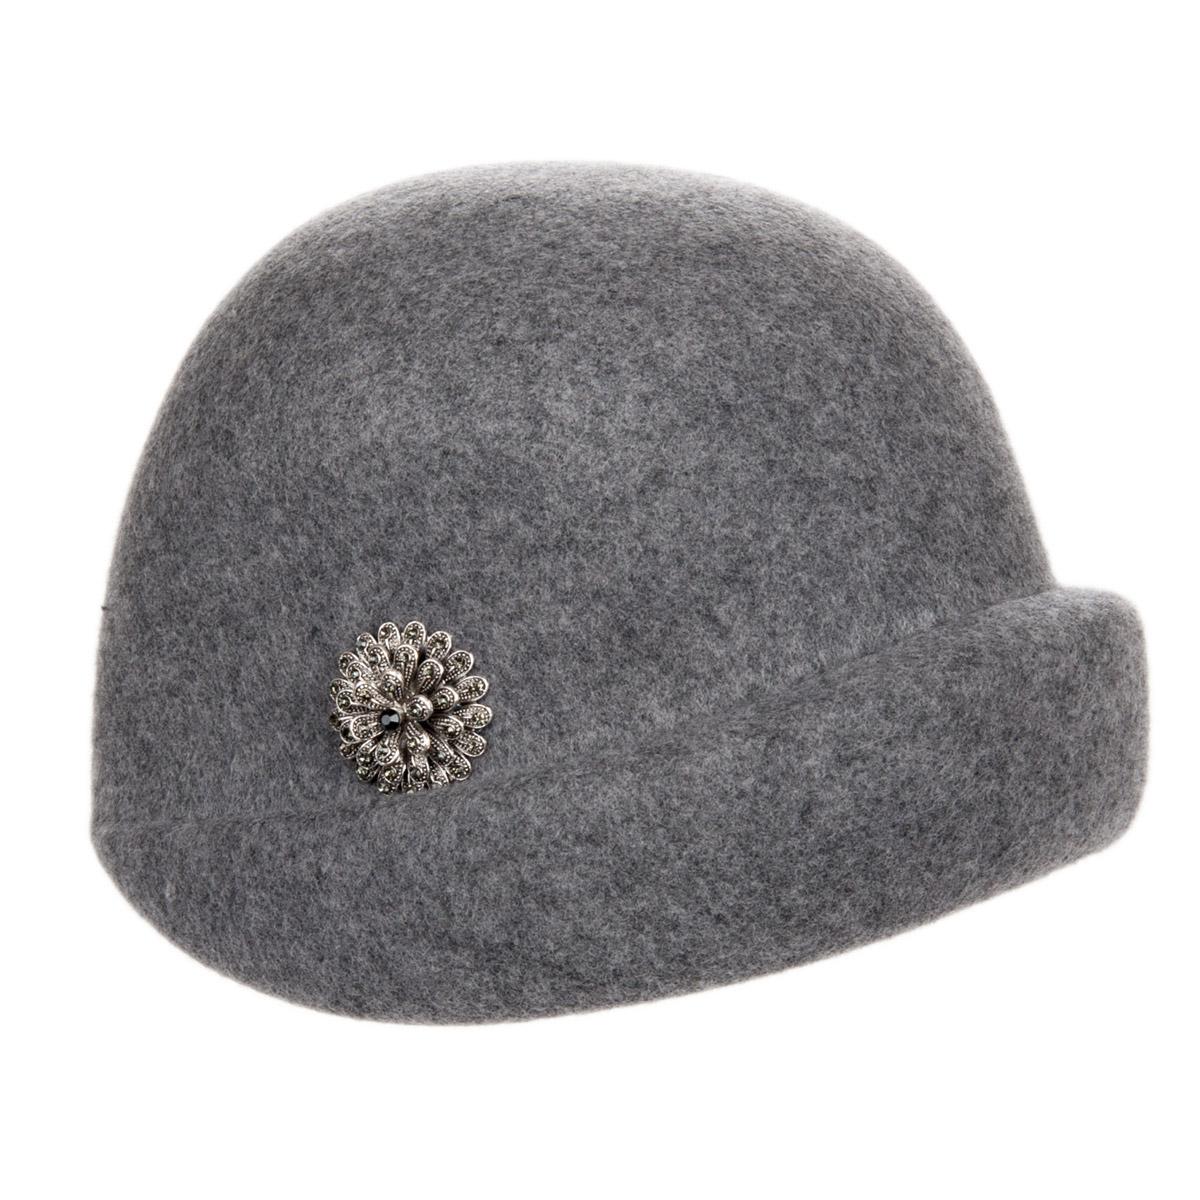 Popolare Cappello cloche anni 30 Carla con spilla fiore, EUR 42,90  HF13